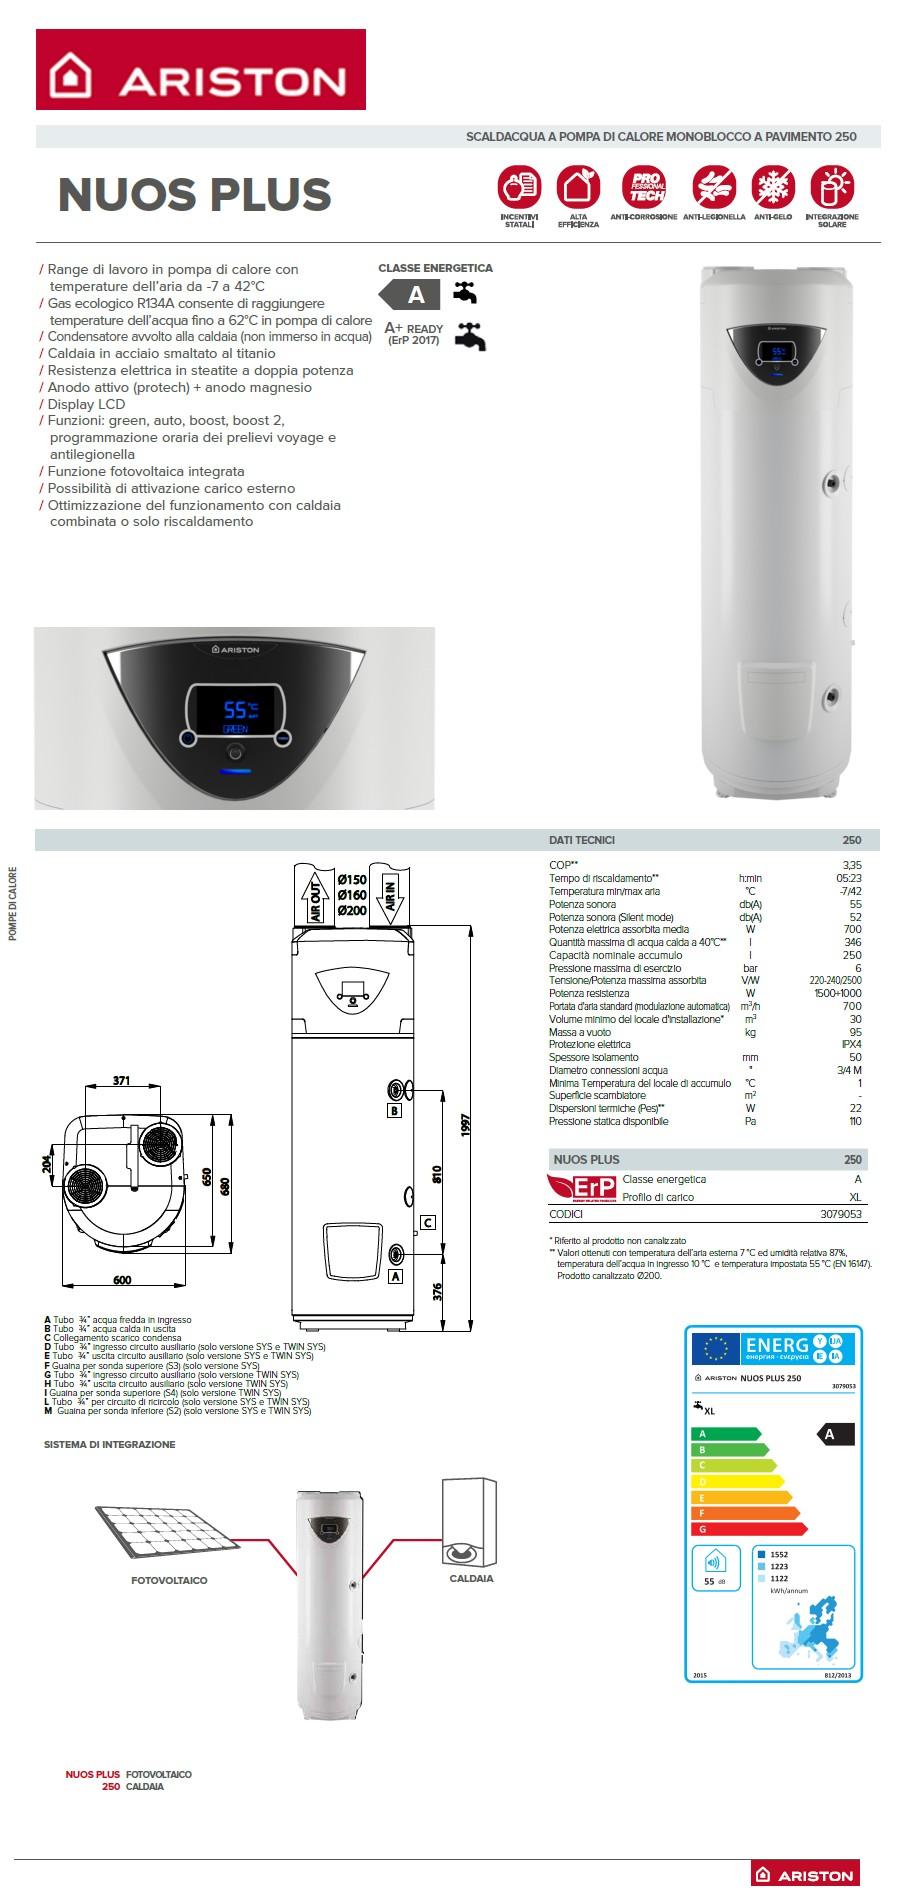 Scaldabagno pompa di calore nuos plus 250 ariston 250 litri climamarket - Ariston scaldabagno pompa di calore ...